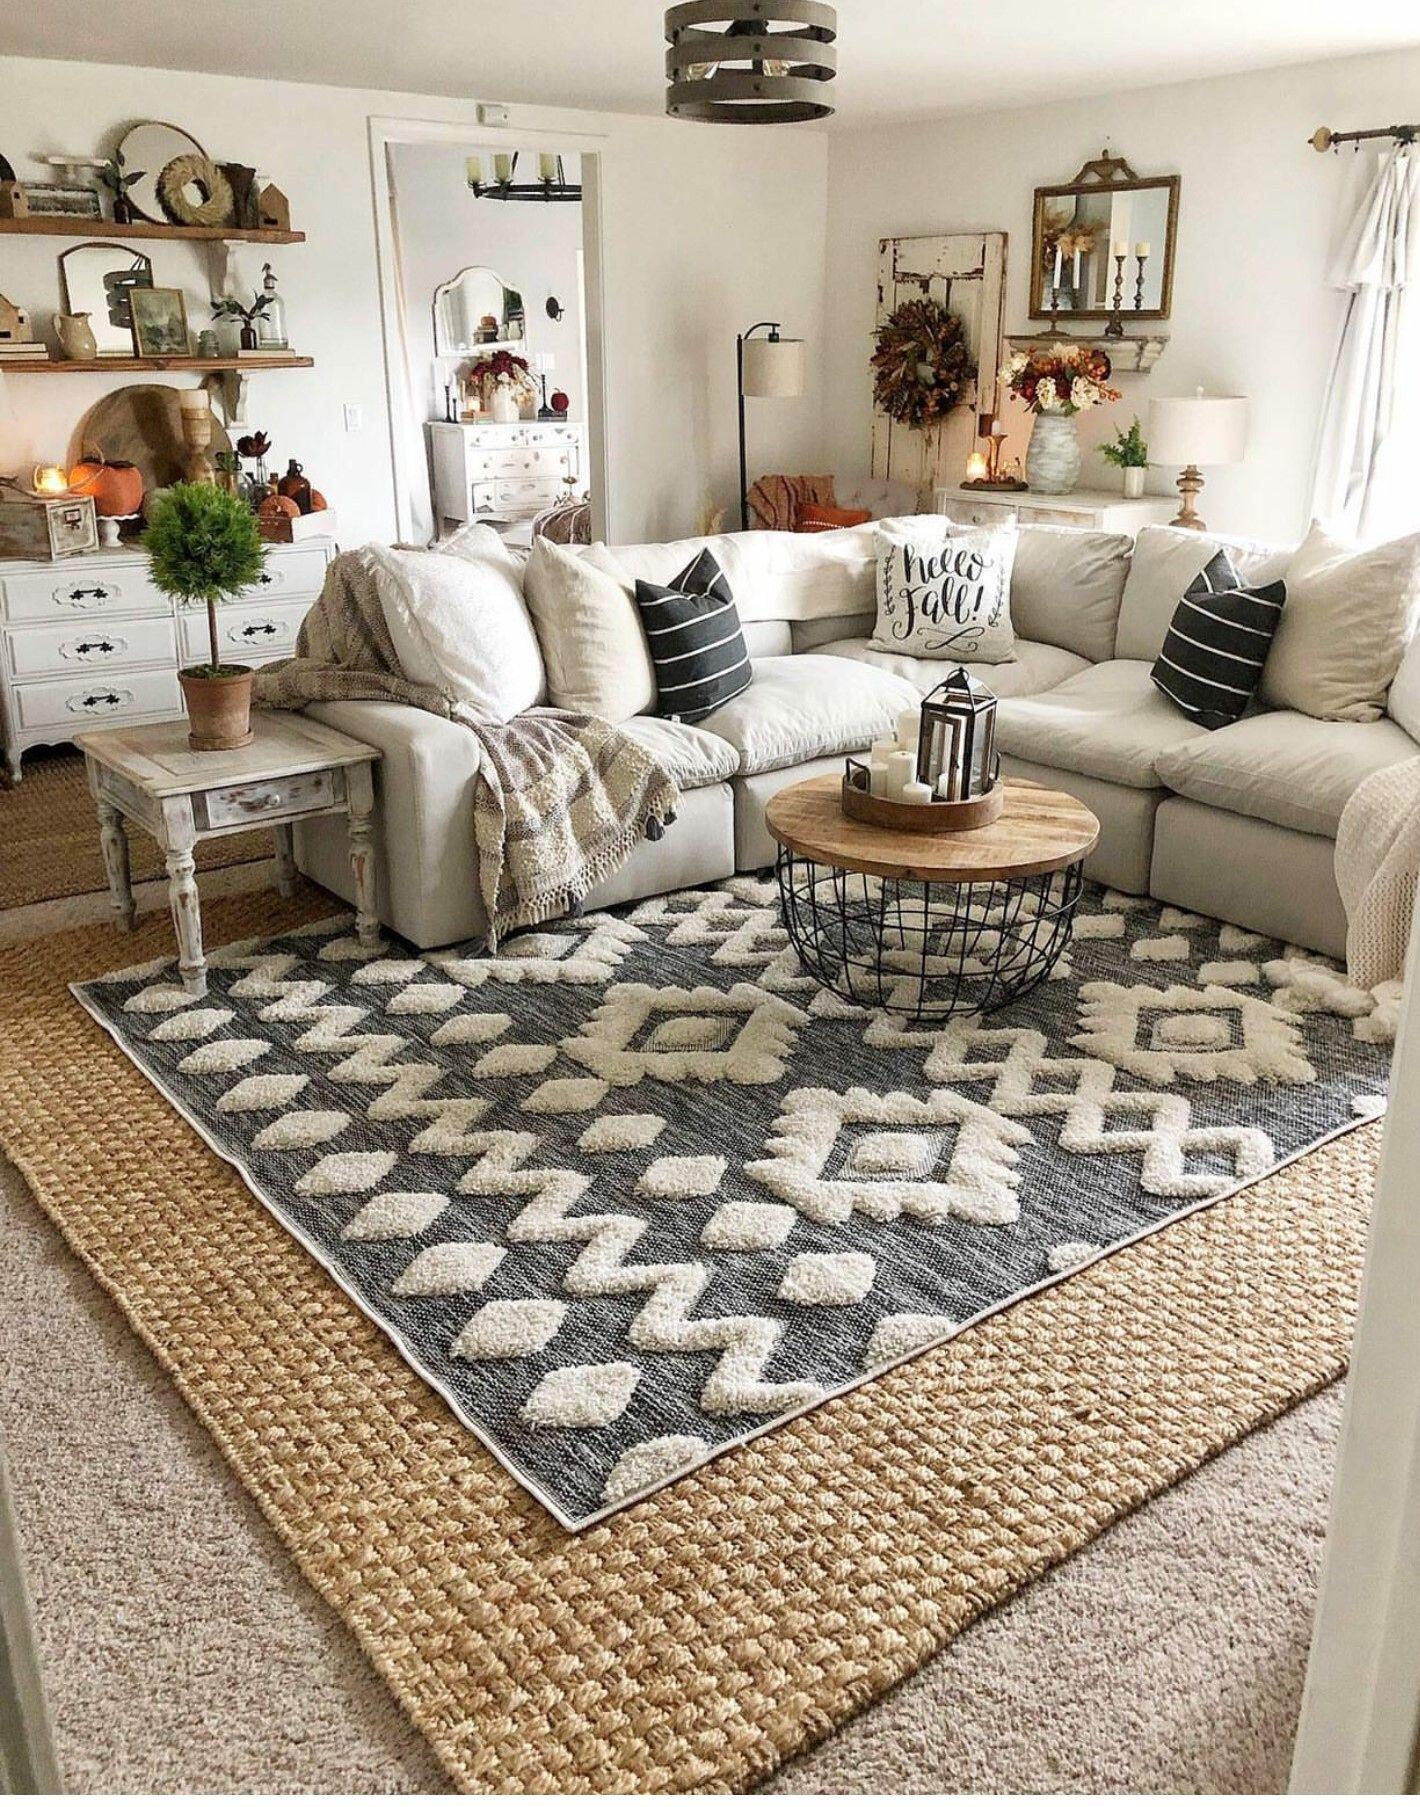 Doran Basketweave Jute Rug Rugs In Living Room Layered Rugs Living Room Home Decor